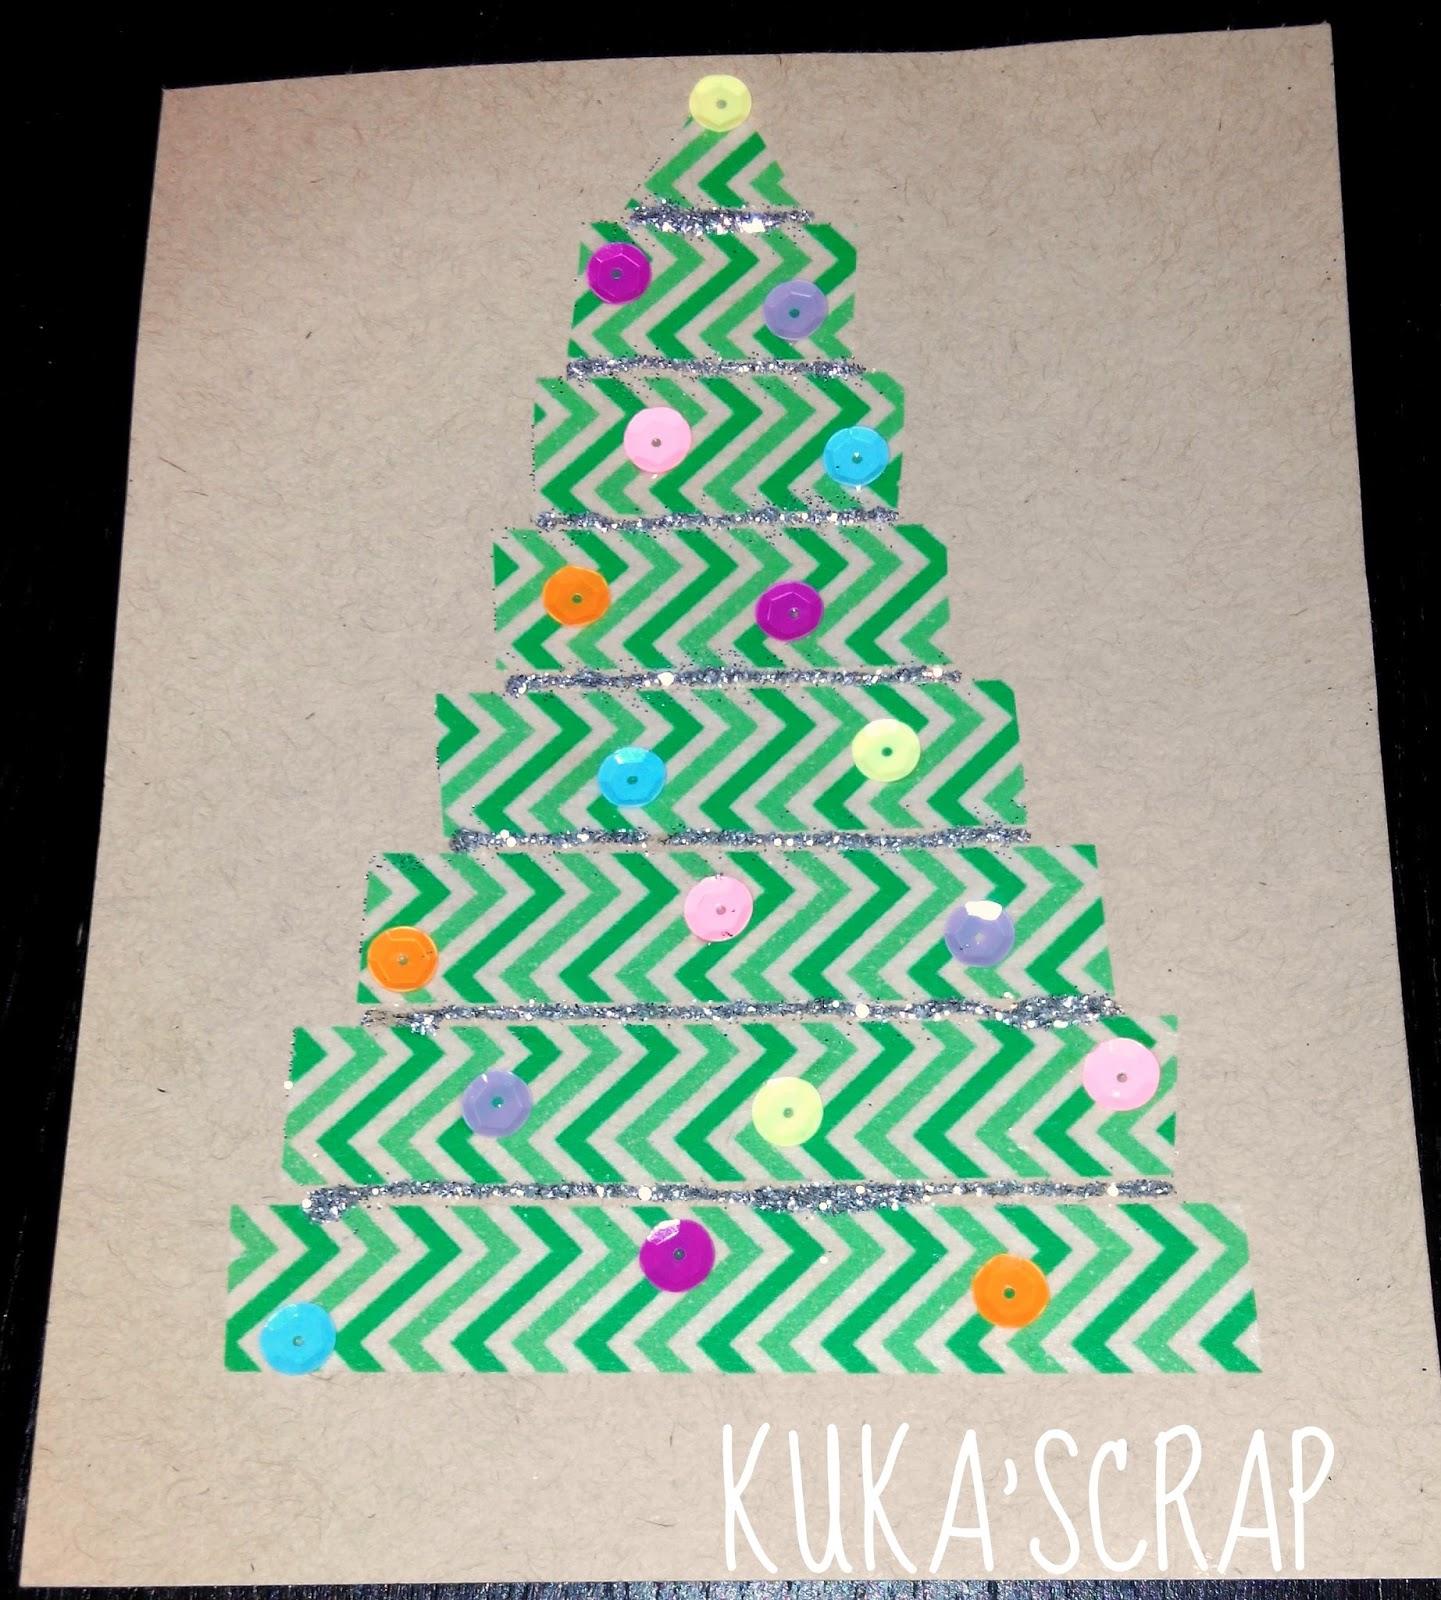 Kukascrap Tarjetas de Navidad fciles para nios